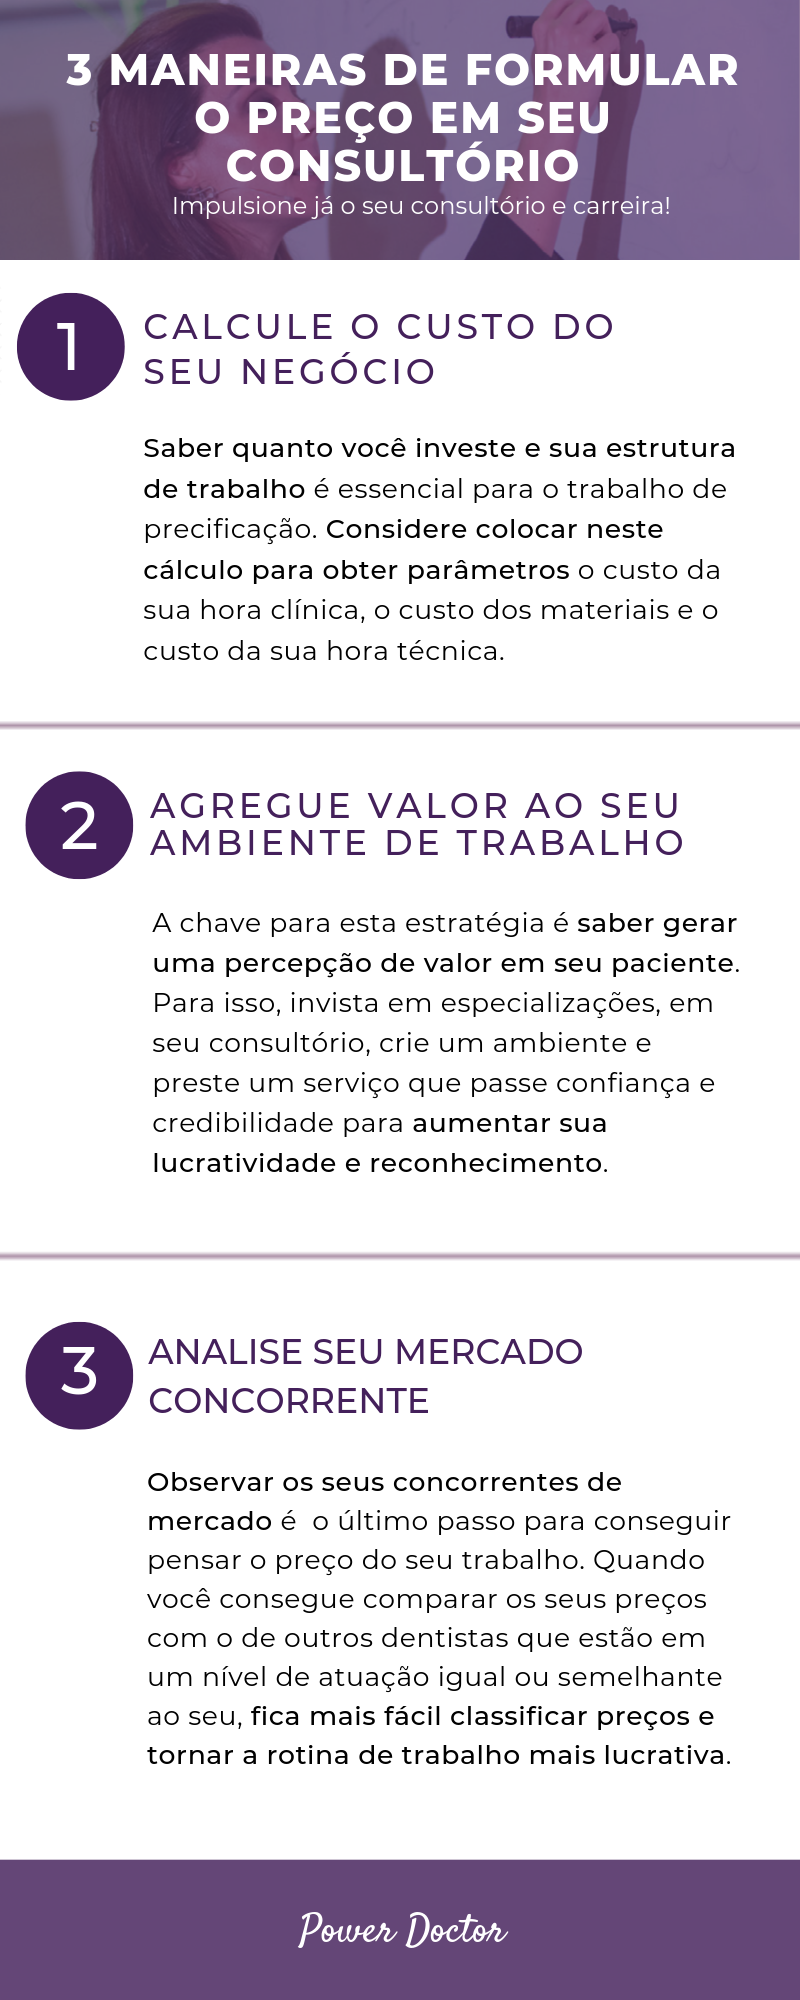 3-maneiras-de-formular-preco-em-seu-consultorio-metodo-power-doctor